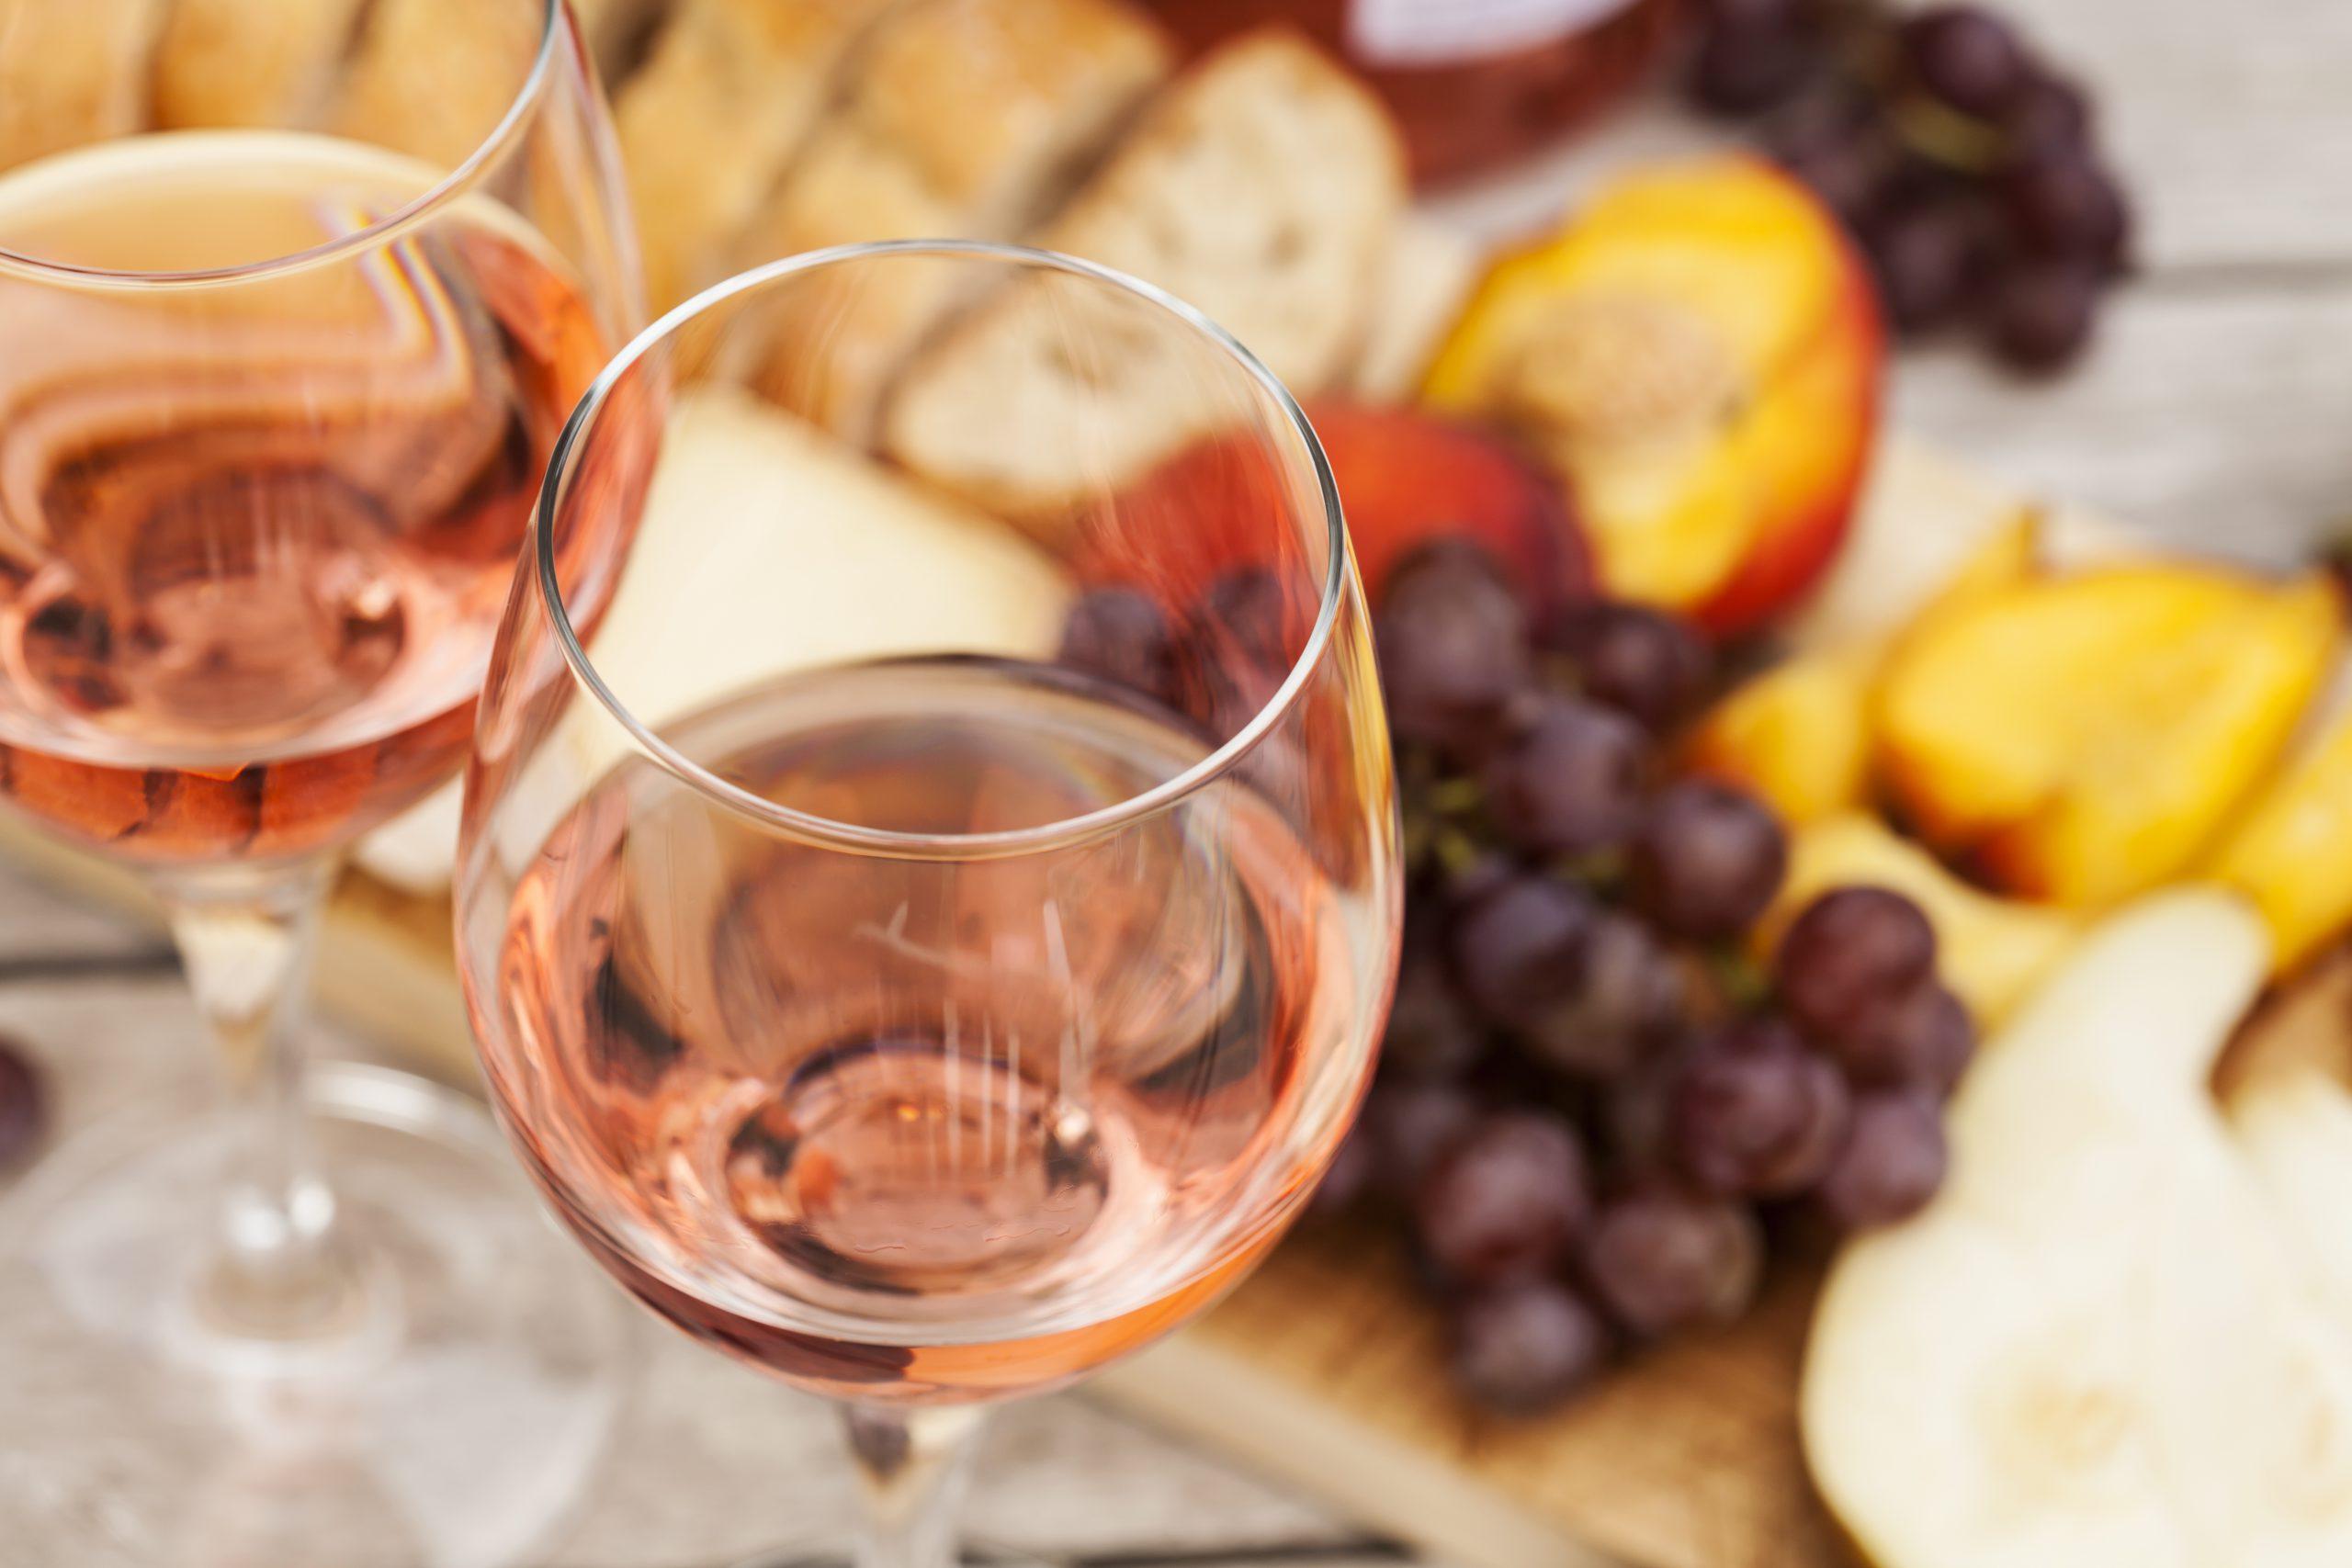 好みのワインが見つかる!おいしいワインとの出会い方